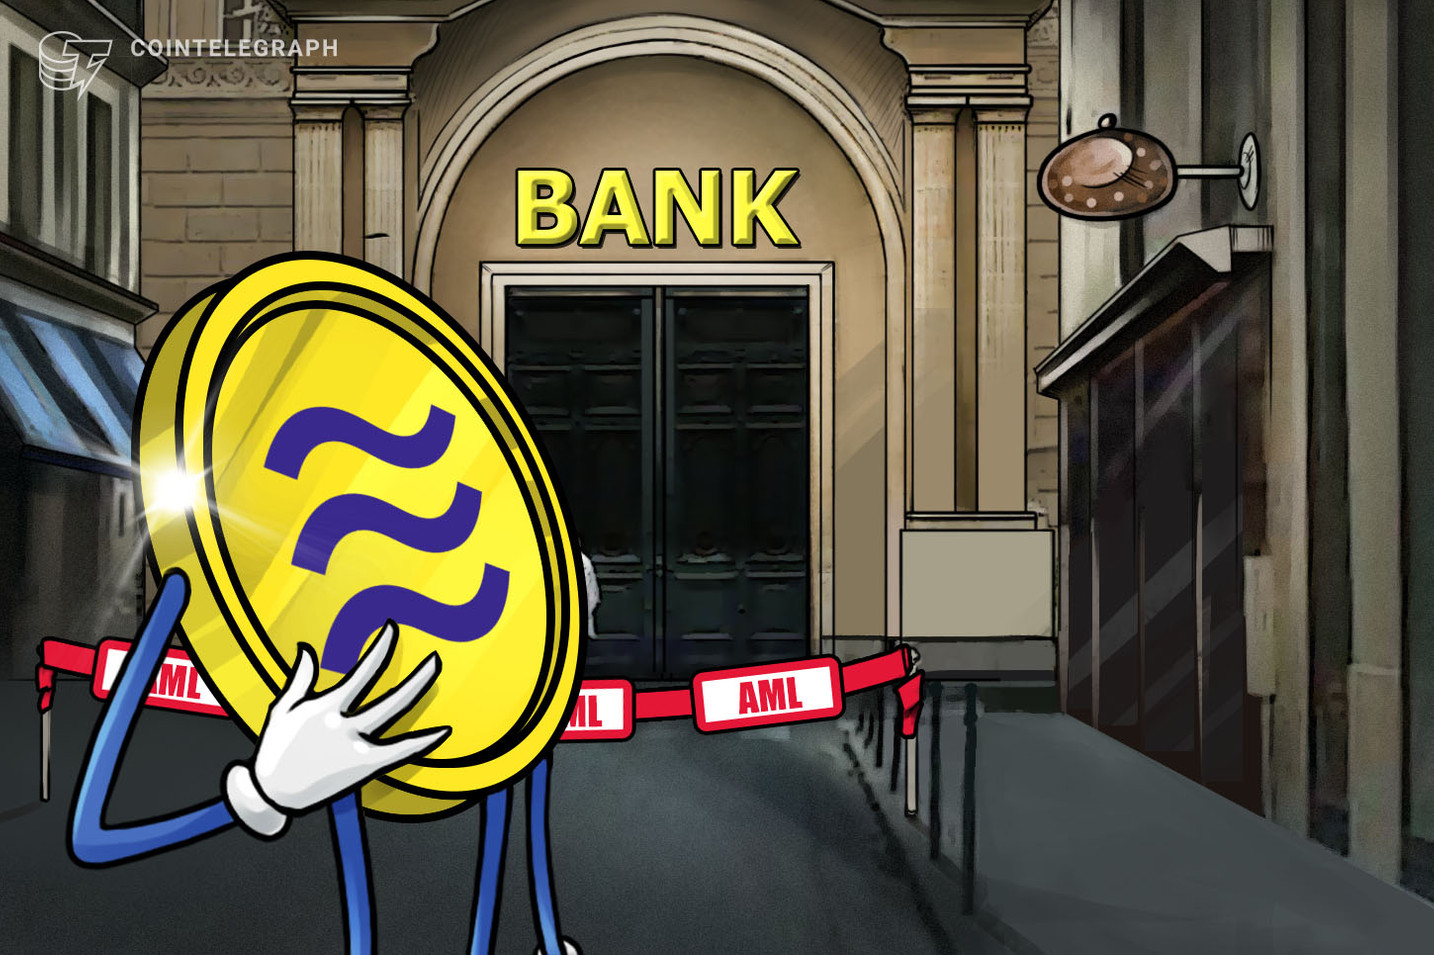 Francuska centralna banka: Fejsbukovoj Libri je potrebna bankarska licenca